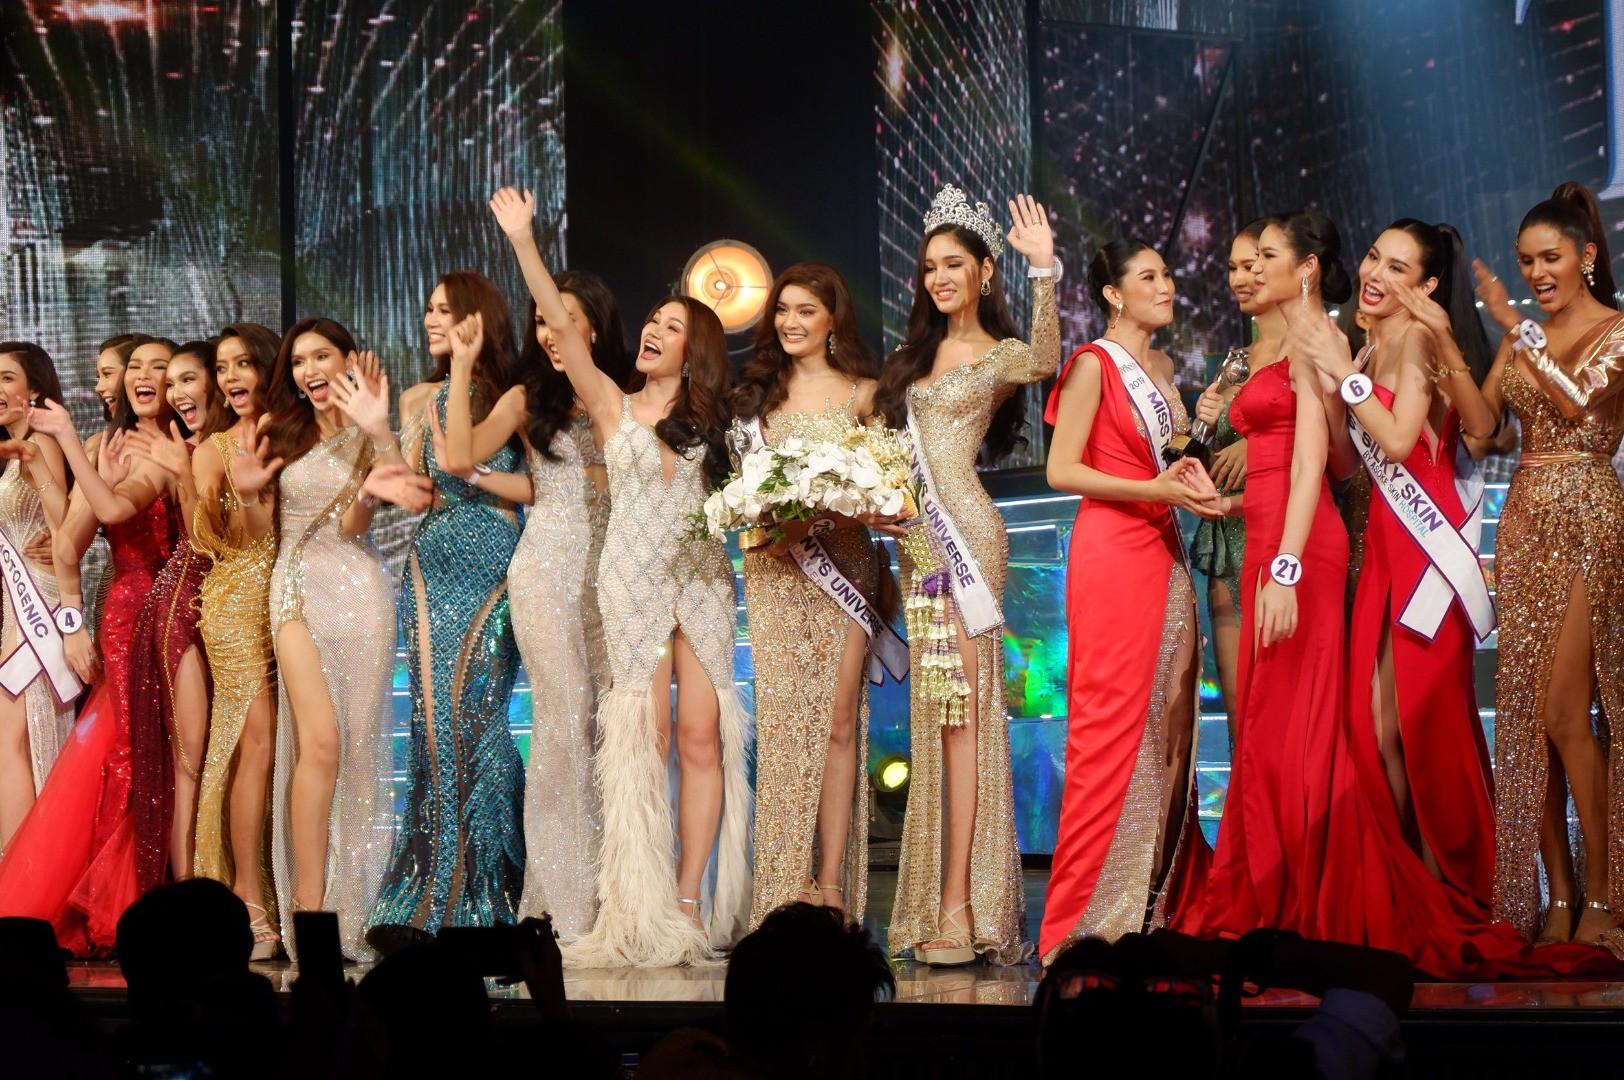 Mỹ nhân vừa đăng quang Hoa hậu Chuyển giới Thái: Cao 1m74, body cực nóng bỏng chẳng kém gì siêu mẫu - Ảnh 2.